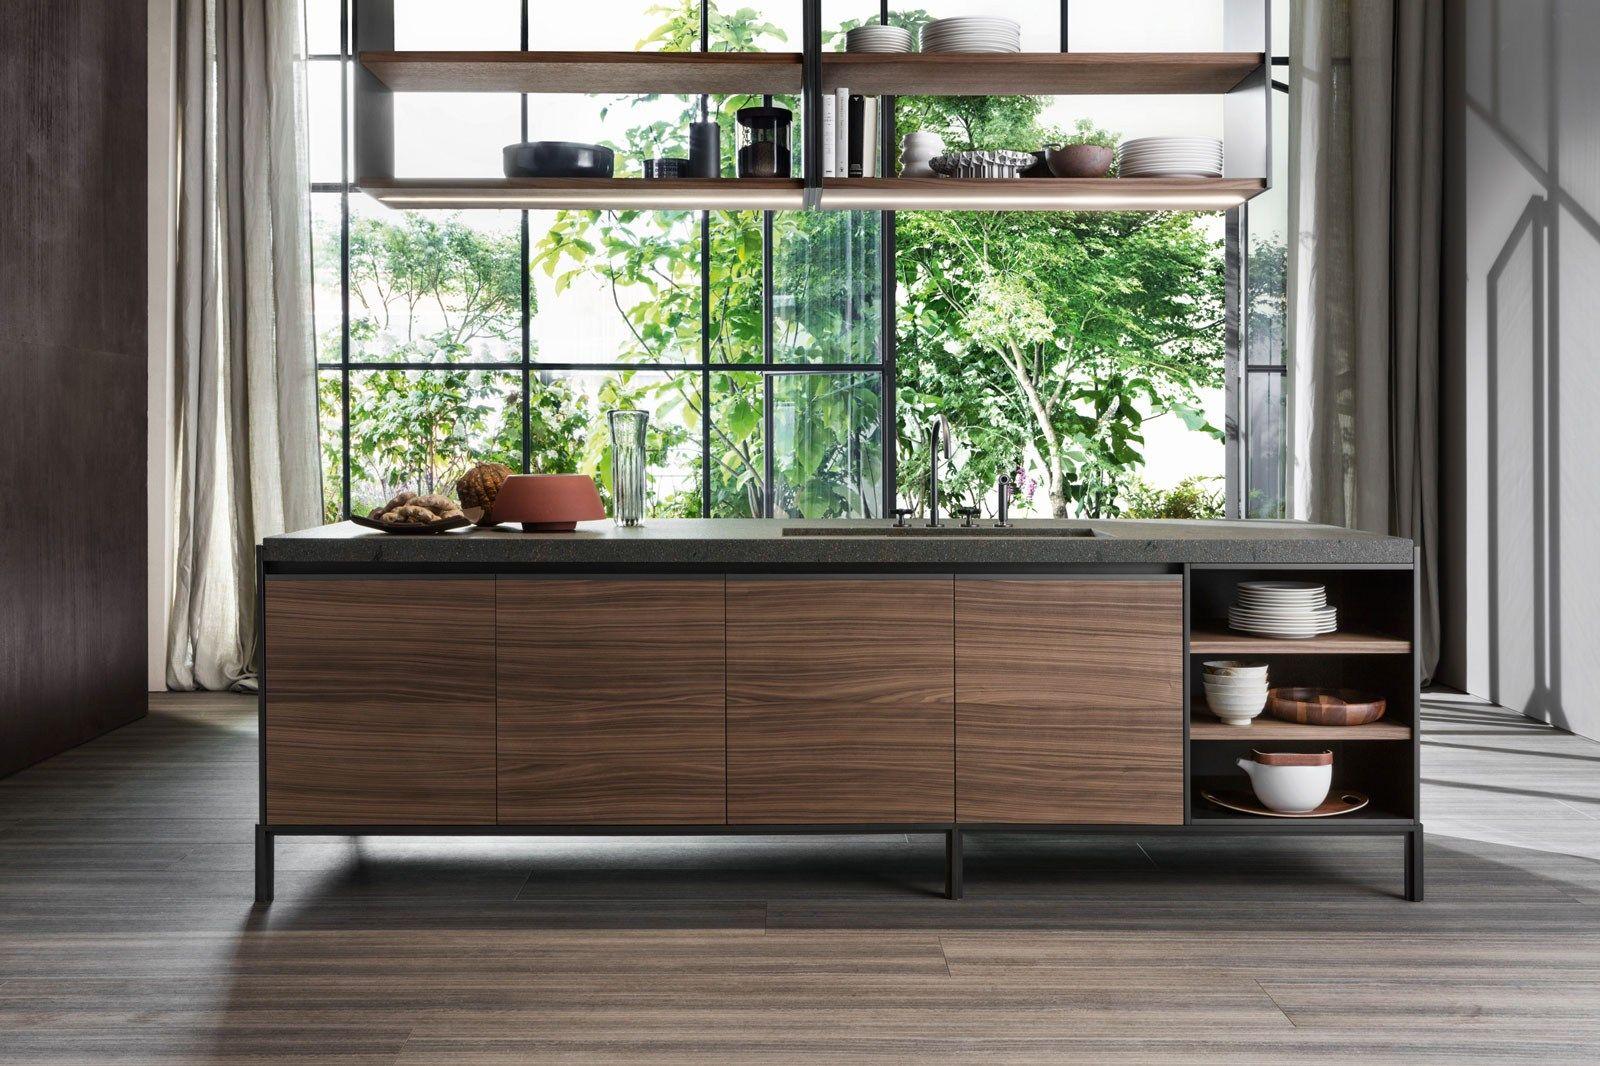 vvd küche mit kücheninseldada design vincent van duysen